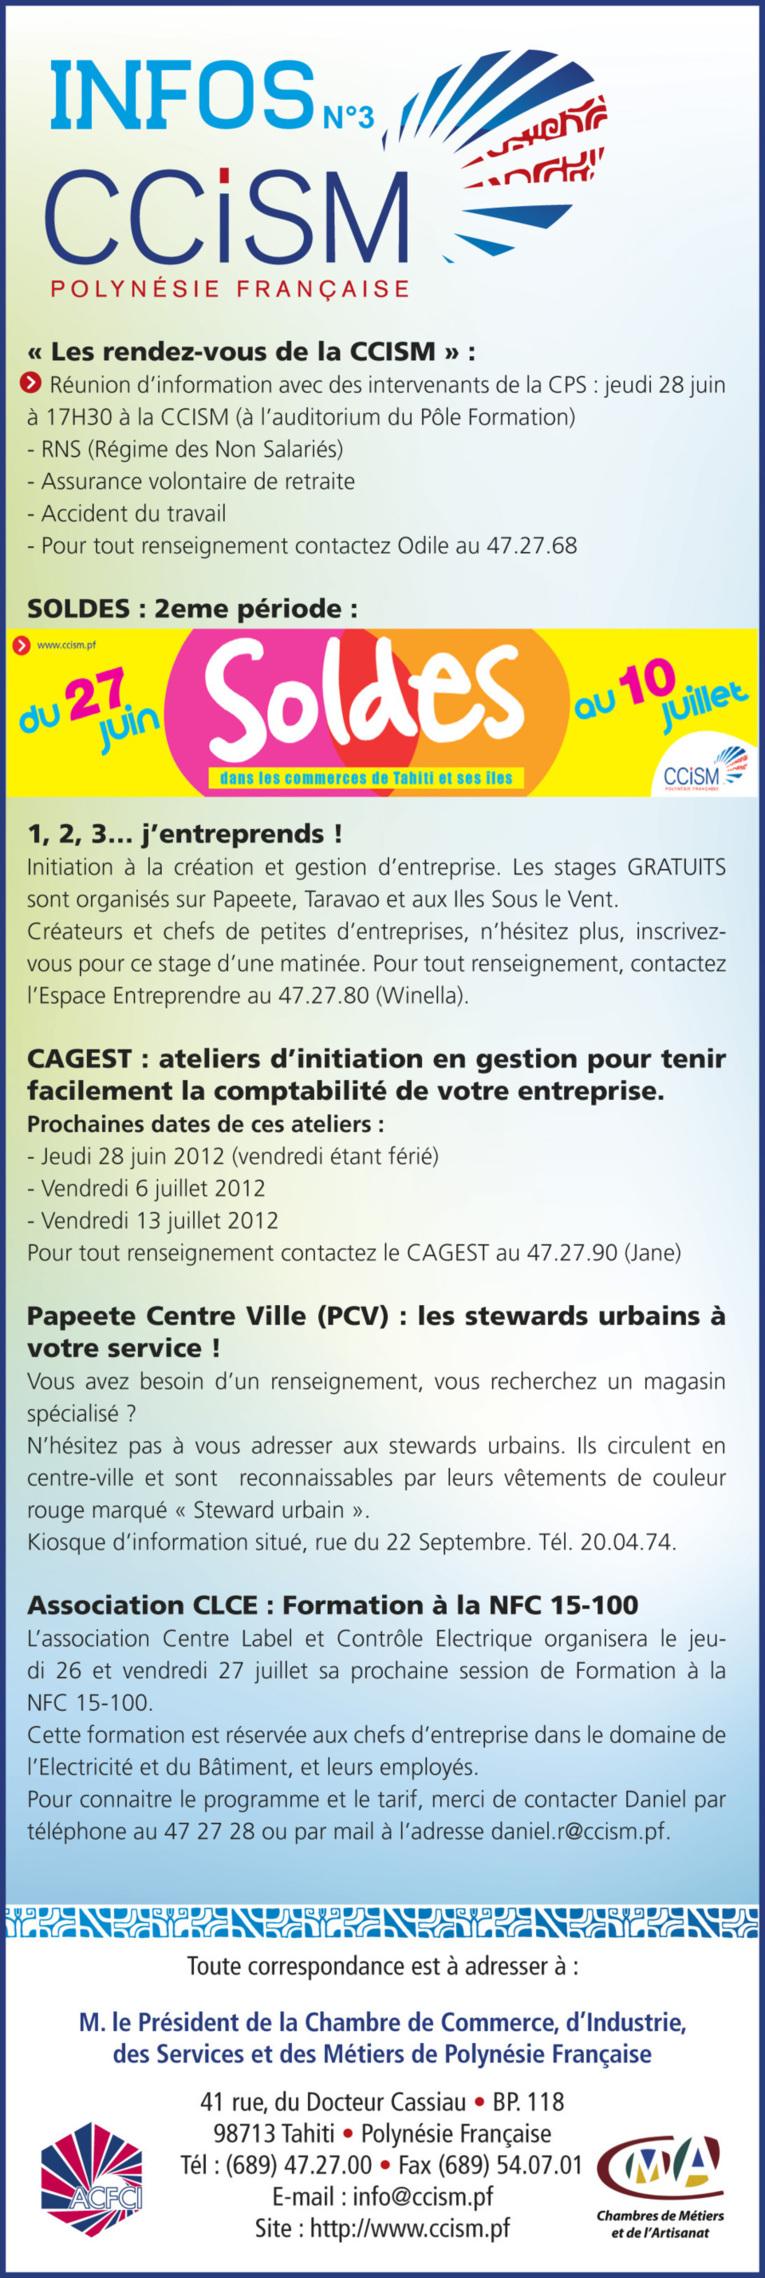 Infos CCISM N°3